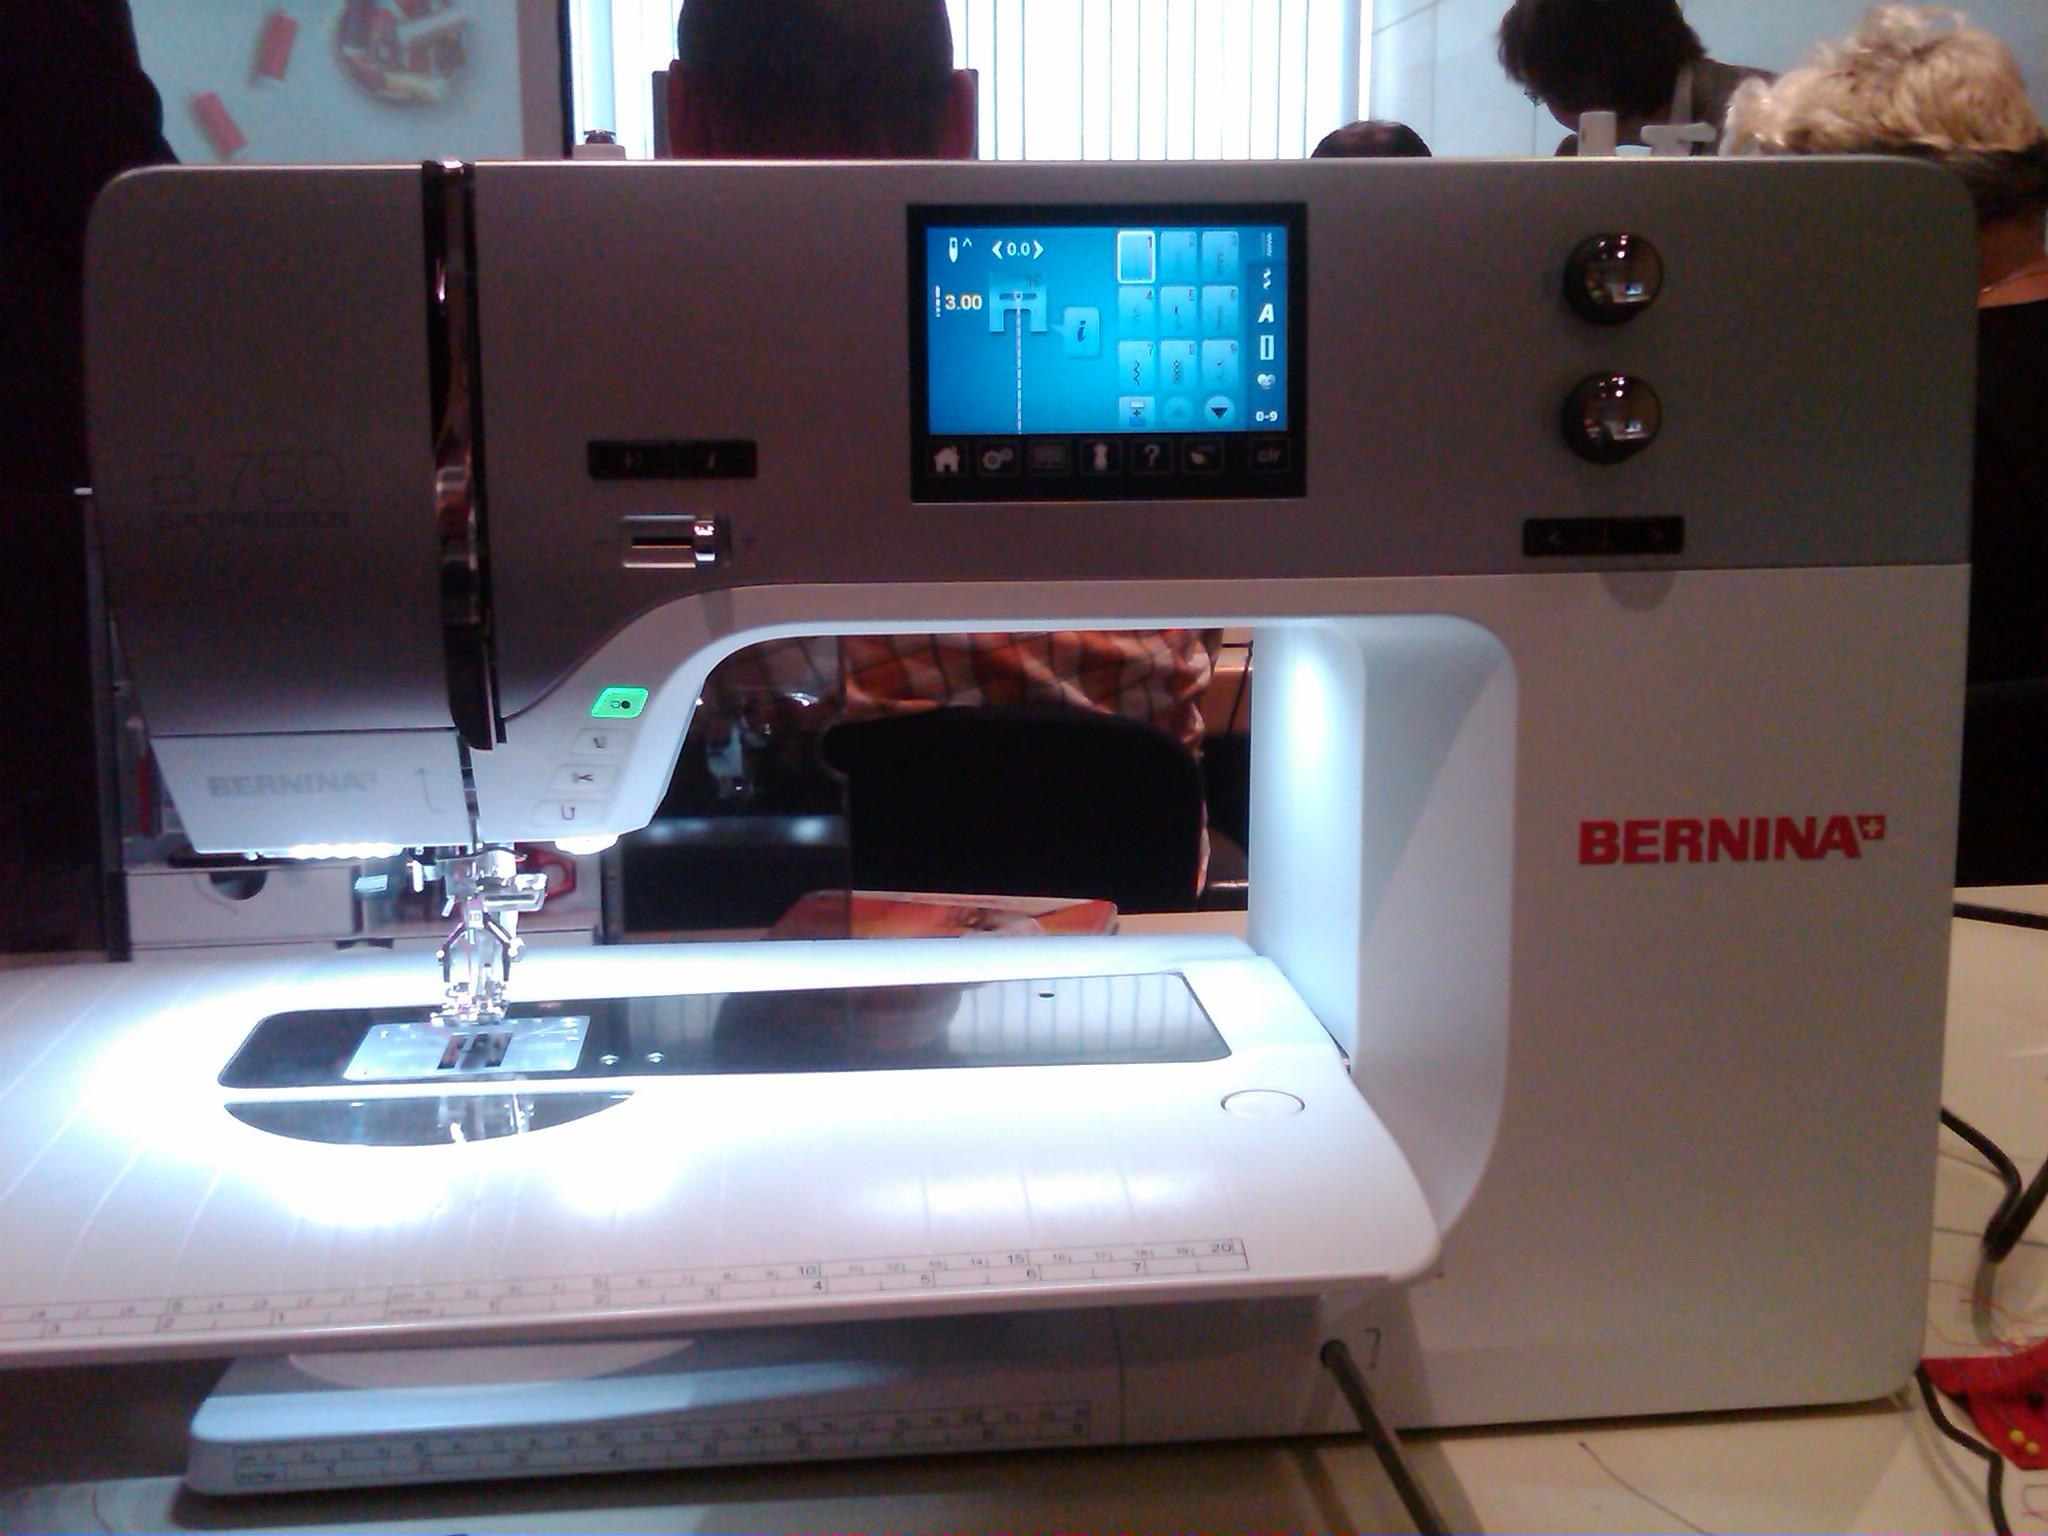 Bernina 750QE